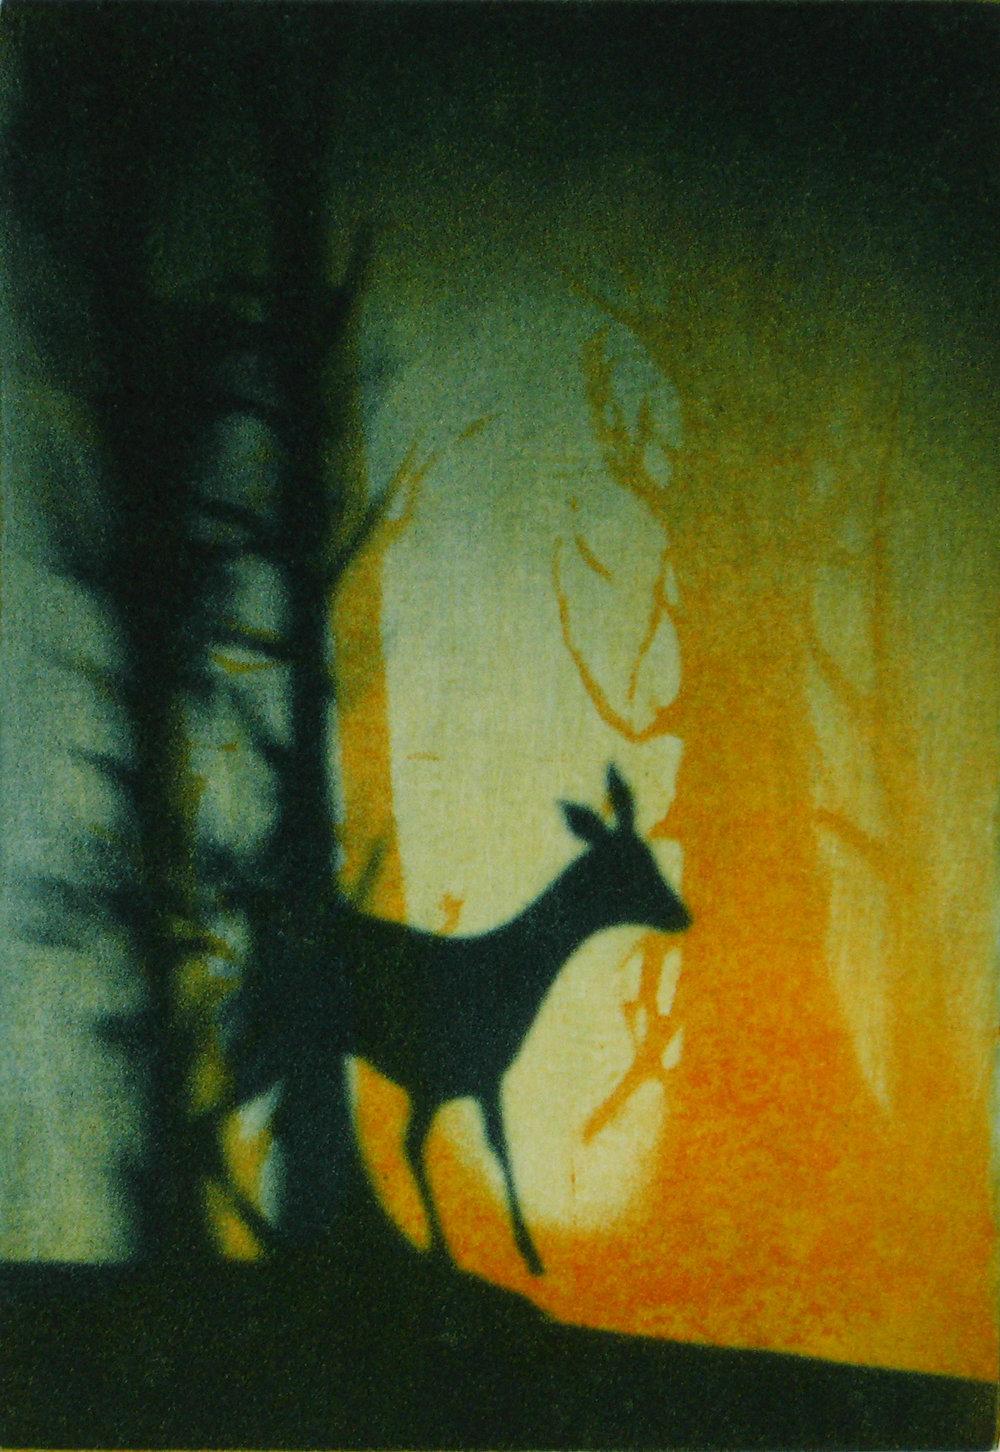 Title: The Weeping Deer